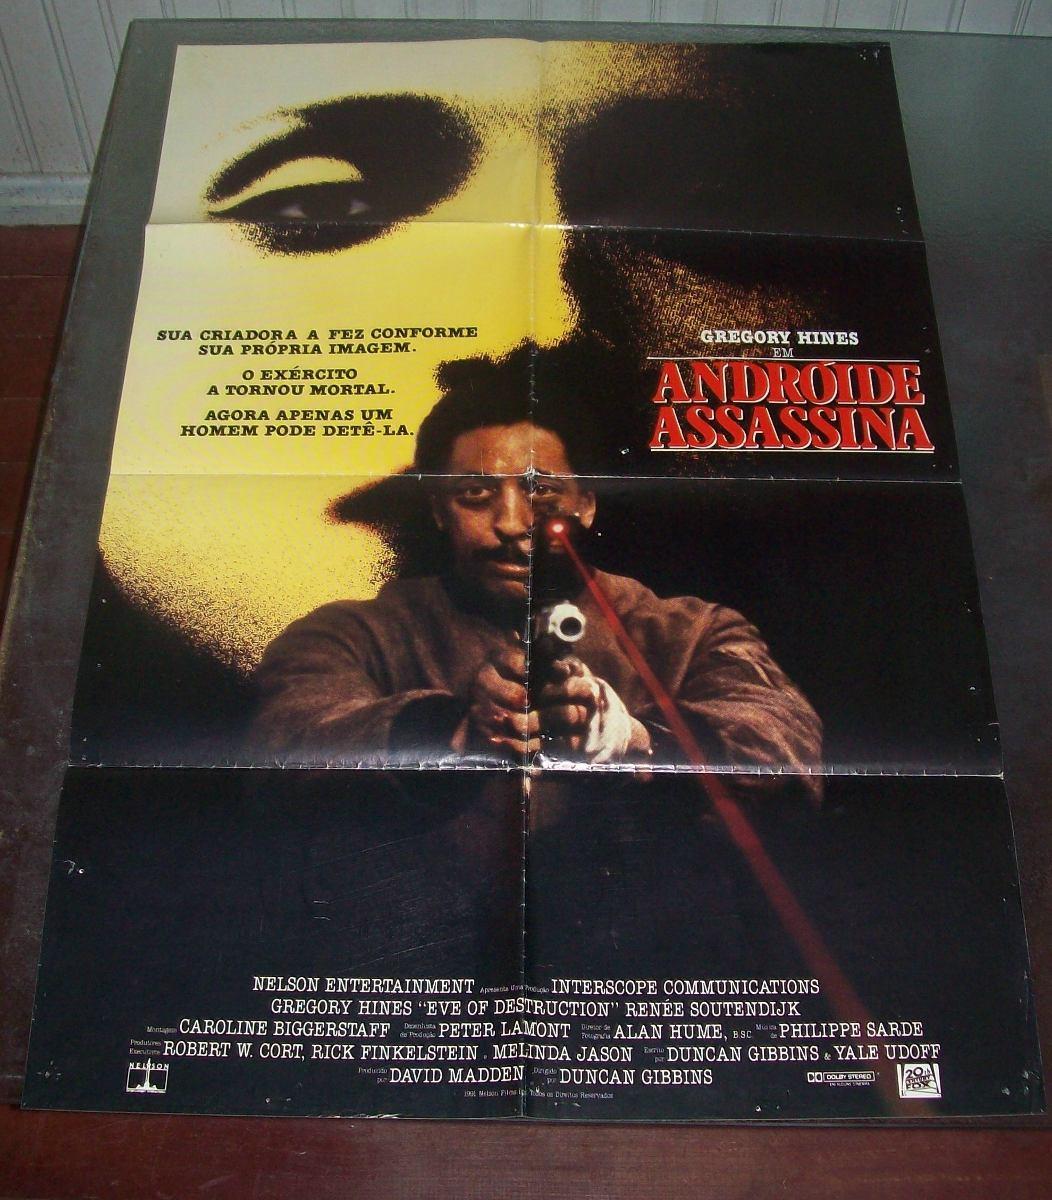 Cartaz/poster Cinema Filme Androide Assassina